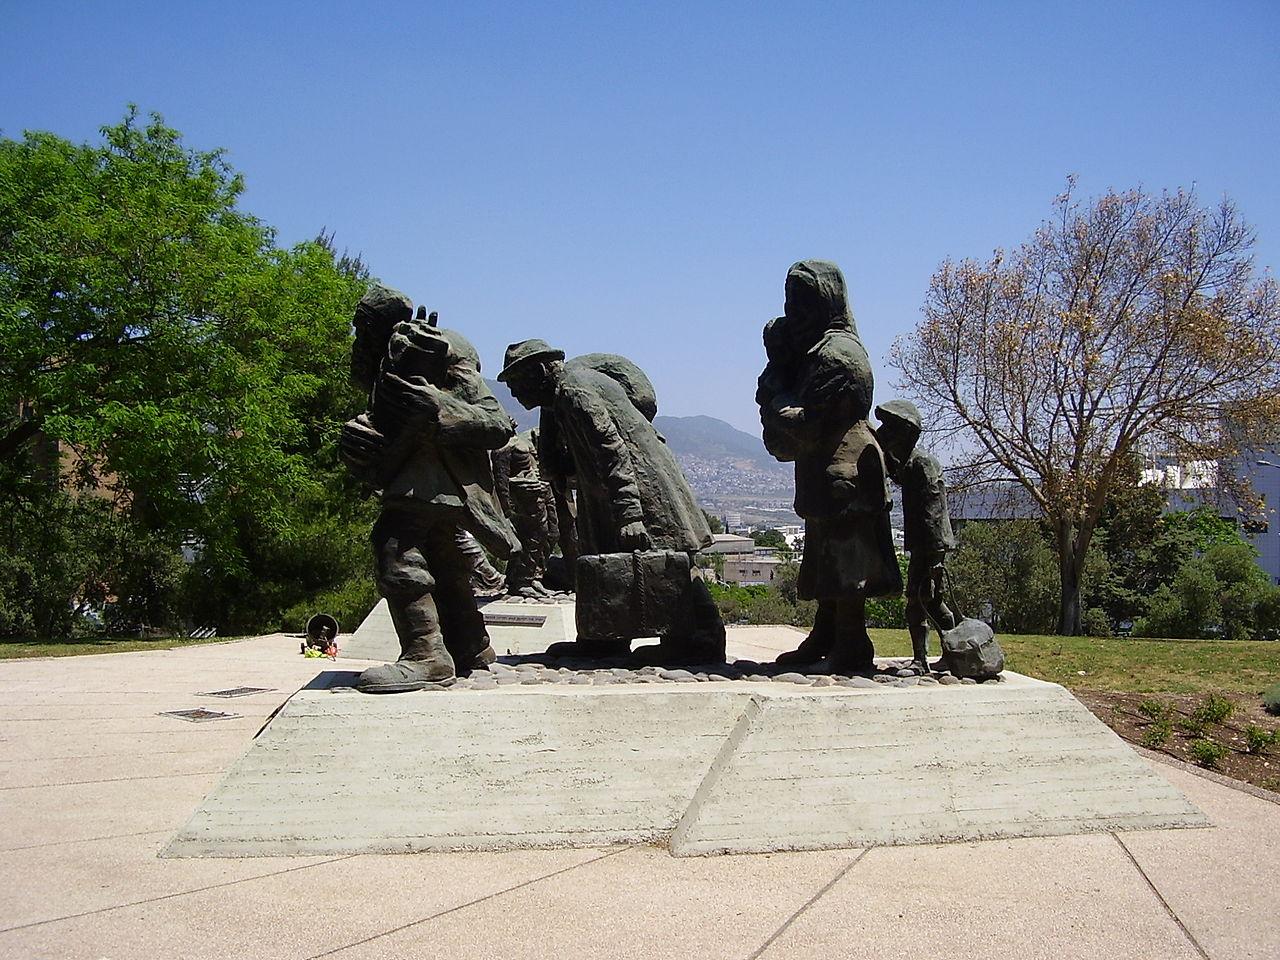 1280px-Holocoast_memorial_in_karmiel,_israel